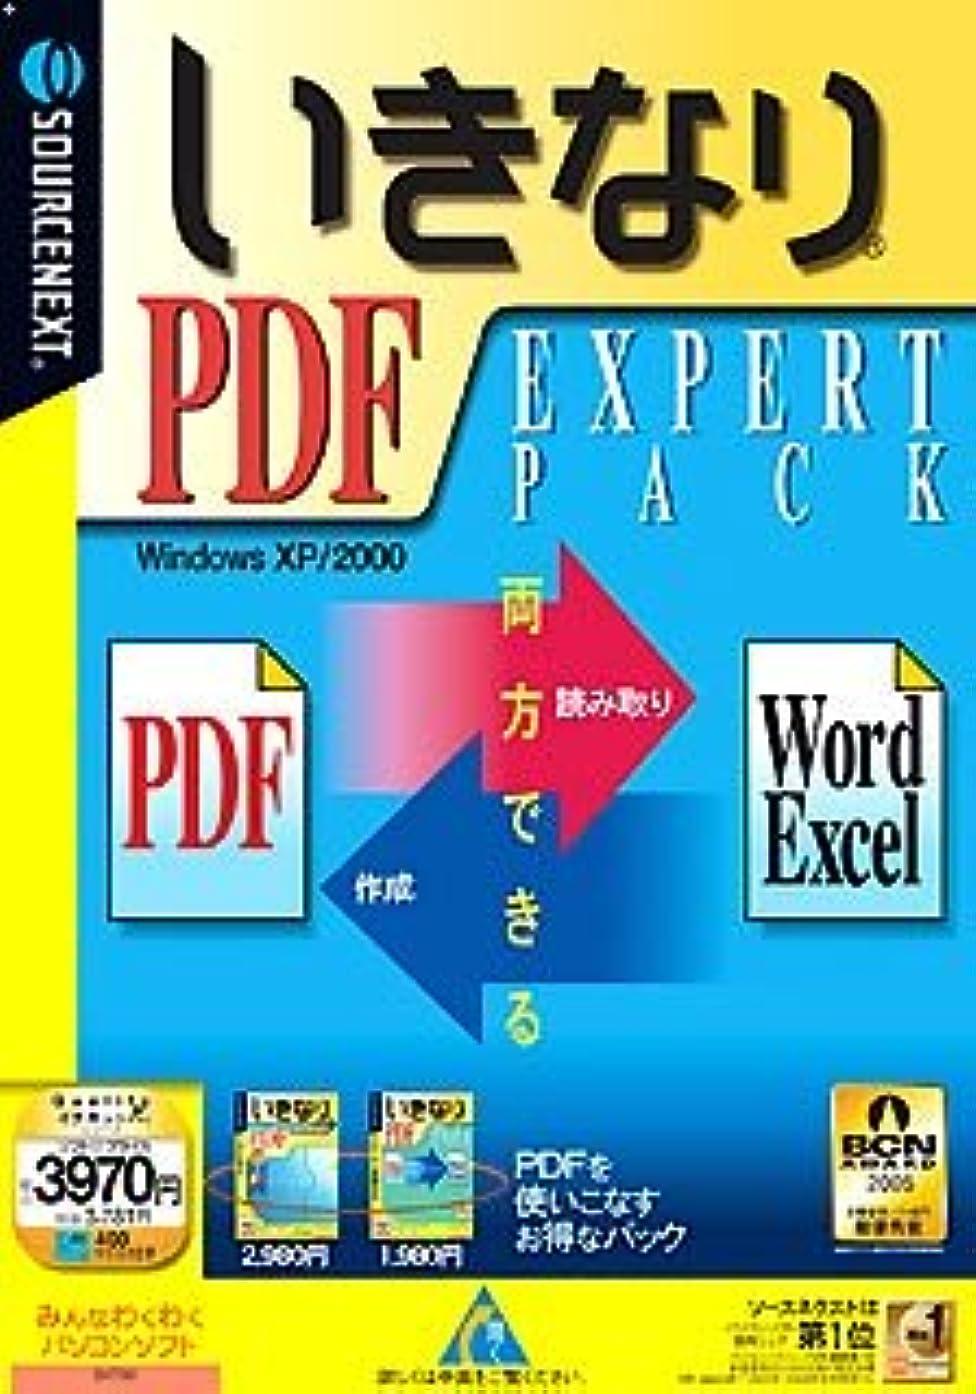 リンケージ技術的なノーブルいきなりPDF Expert Pack (説明扉付きスリムパッケージ版)